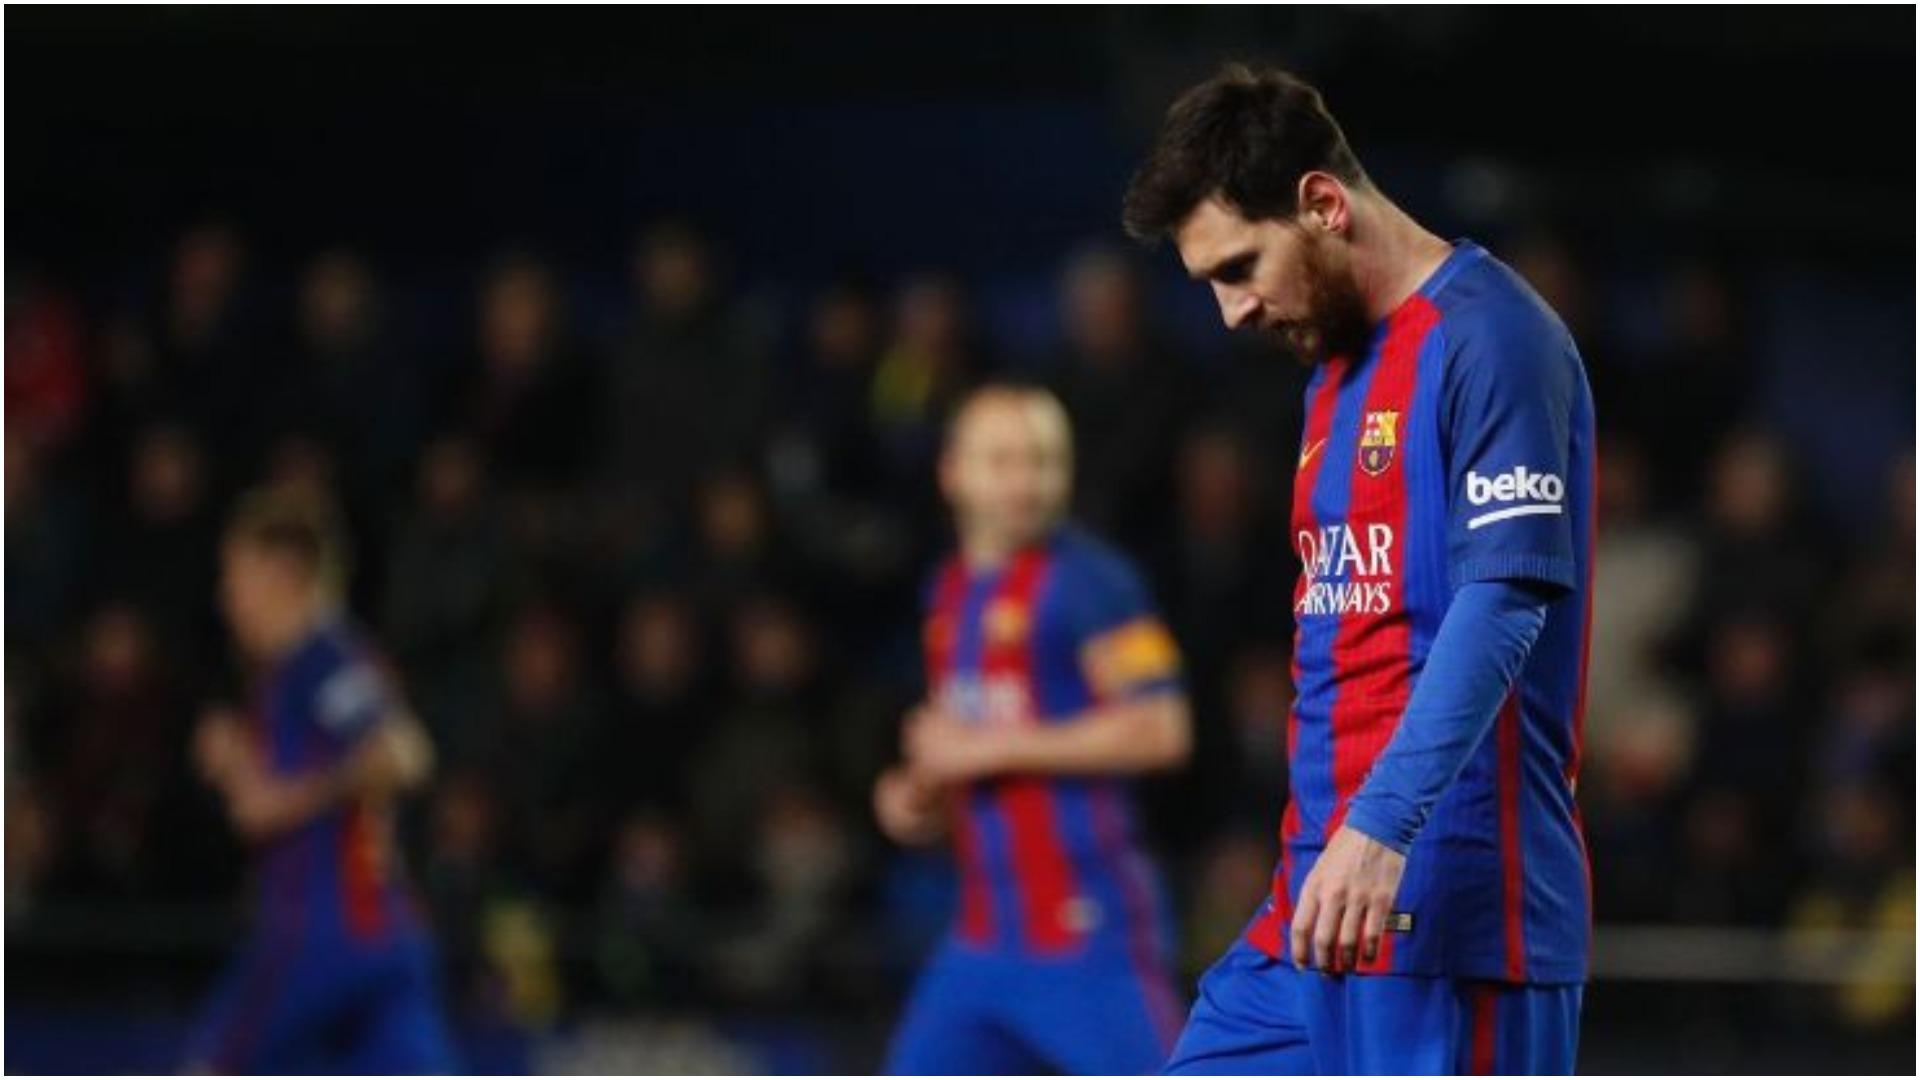 Sekreti i Messit: Ndihesha i keqtrajtuar, doja të largohesha nga Barcelona